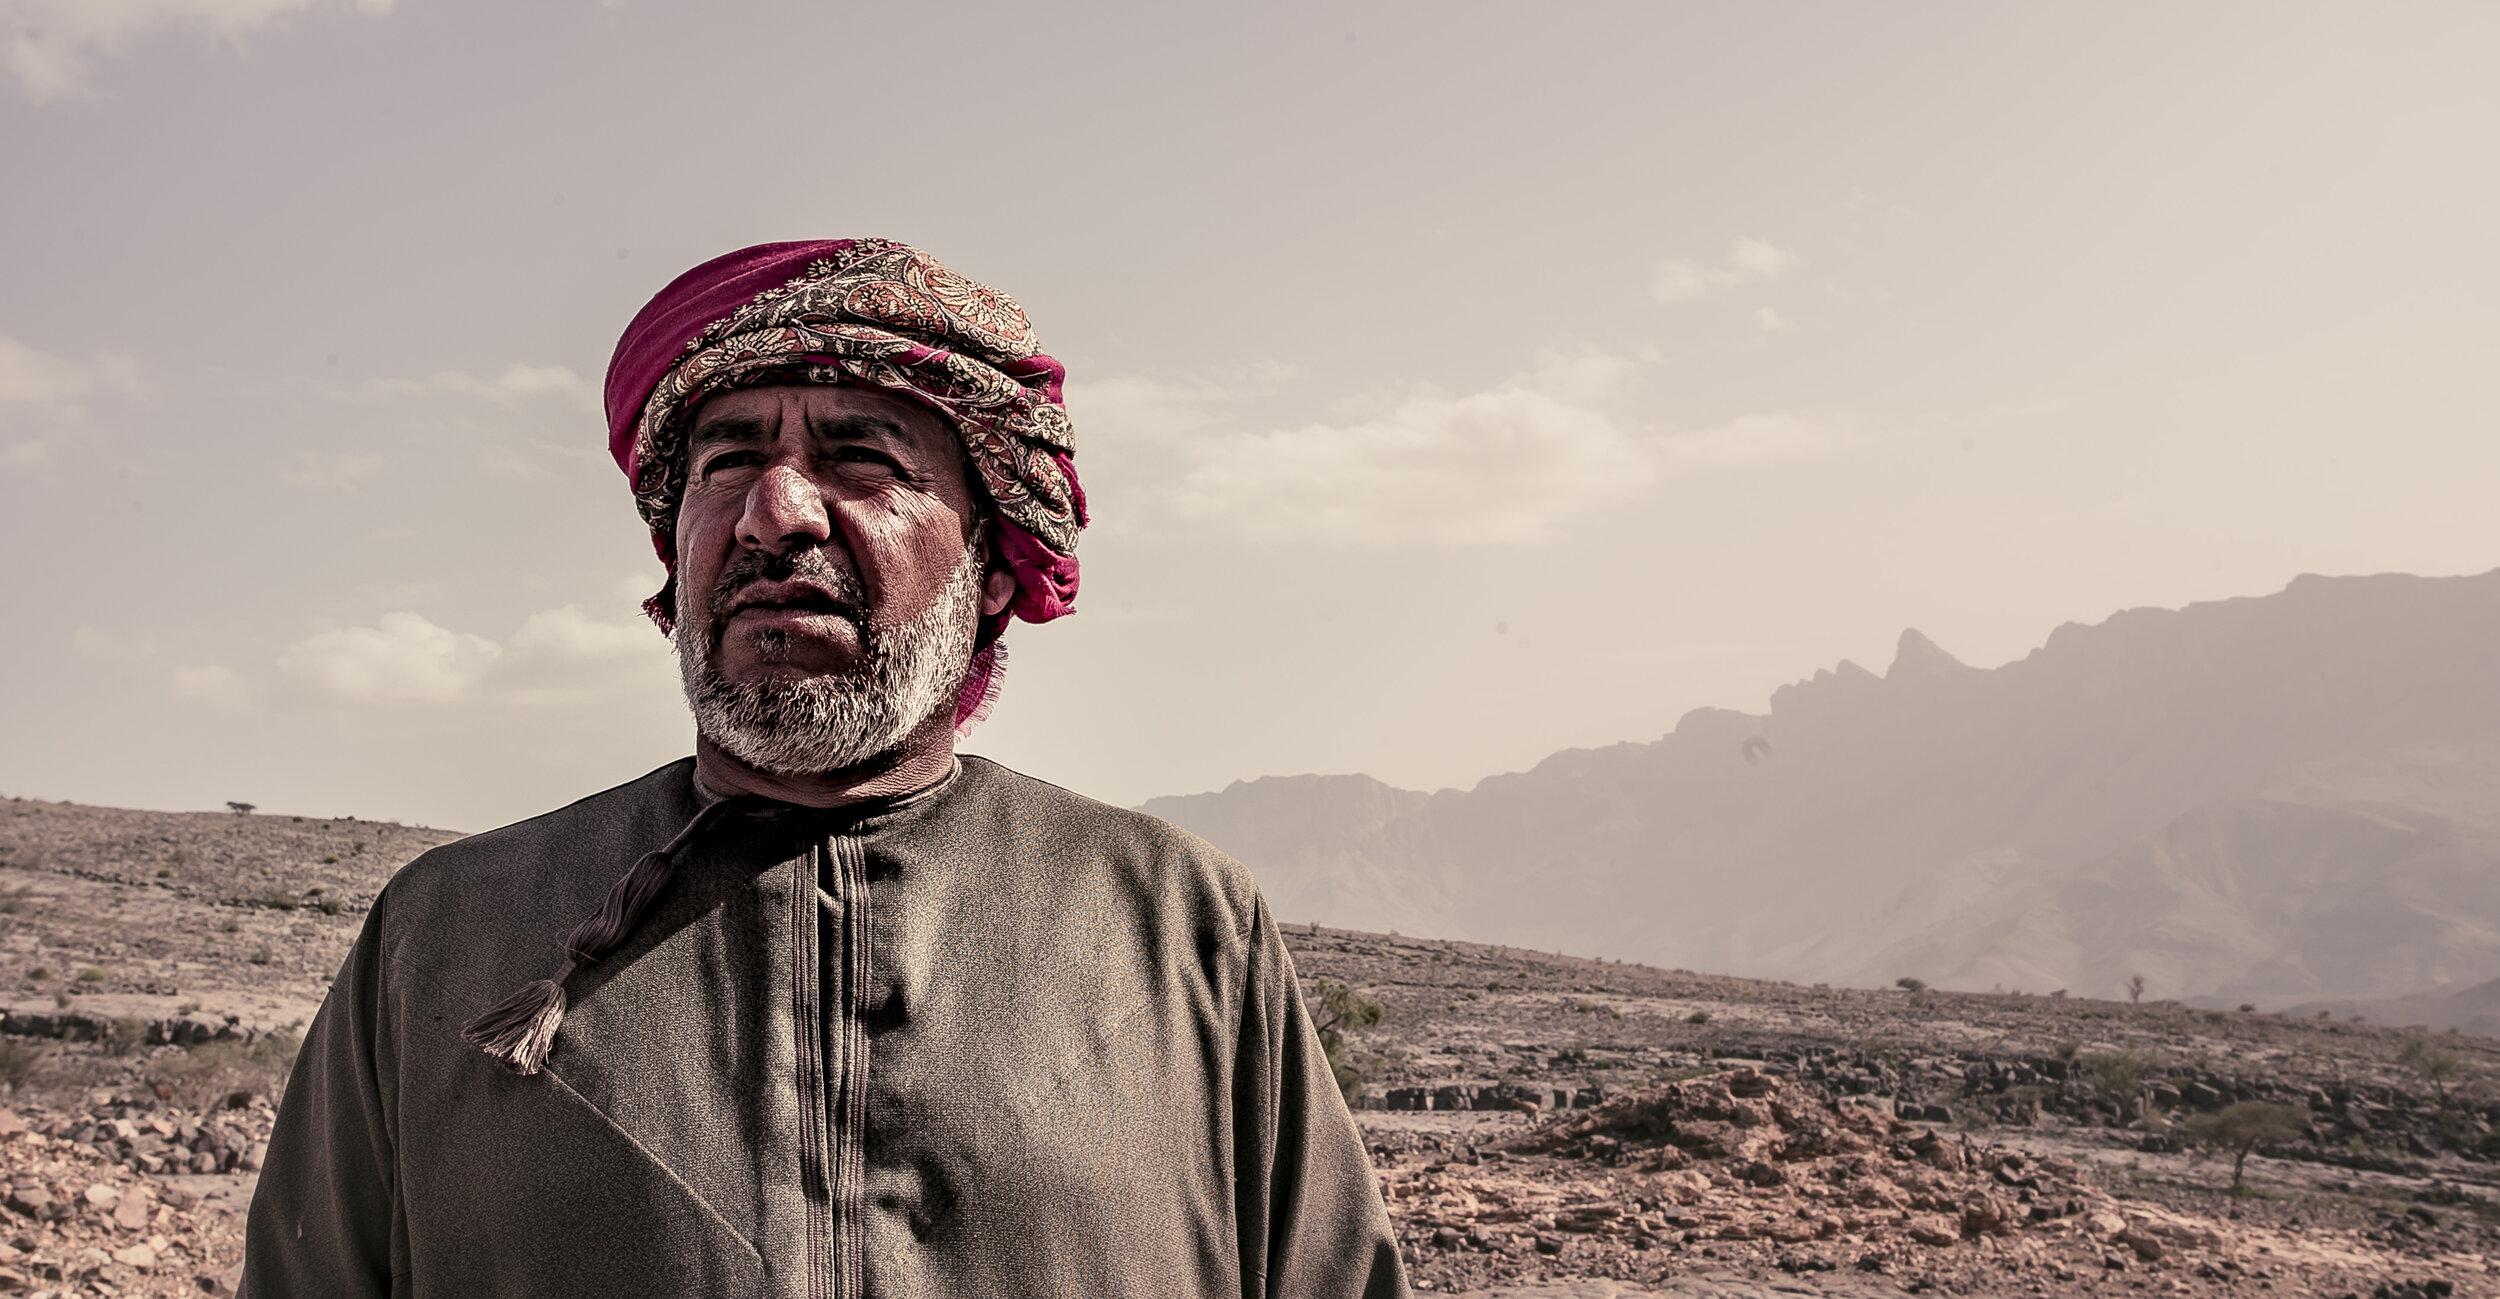 Oman goat herder.jpg